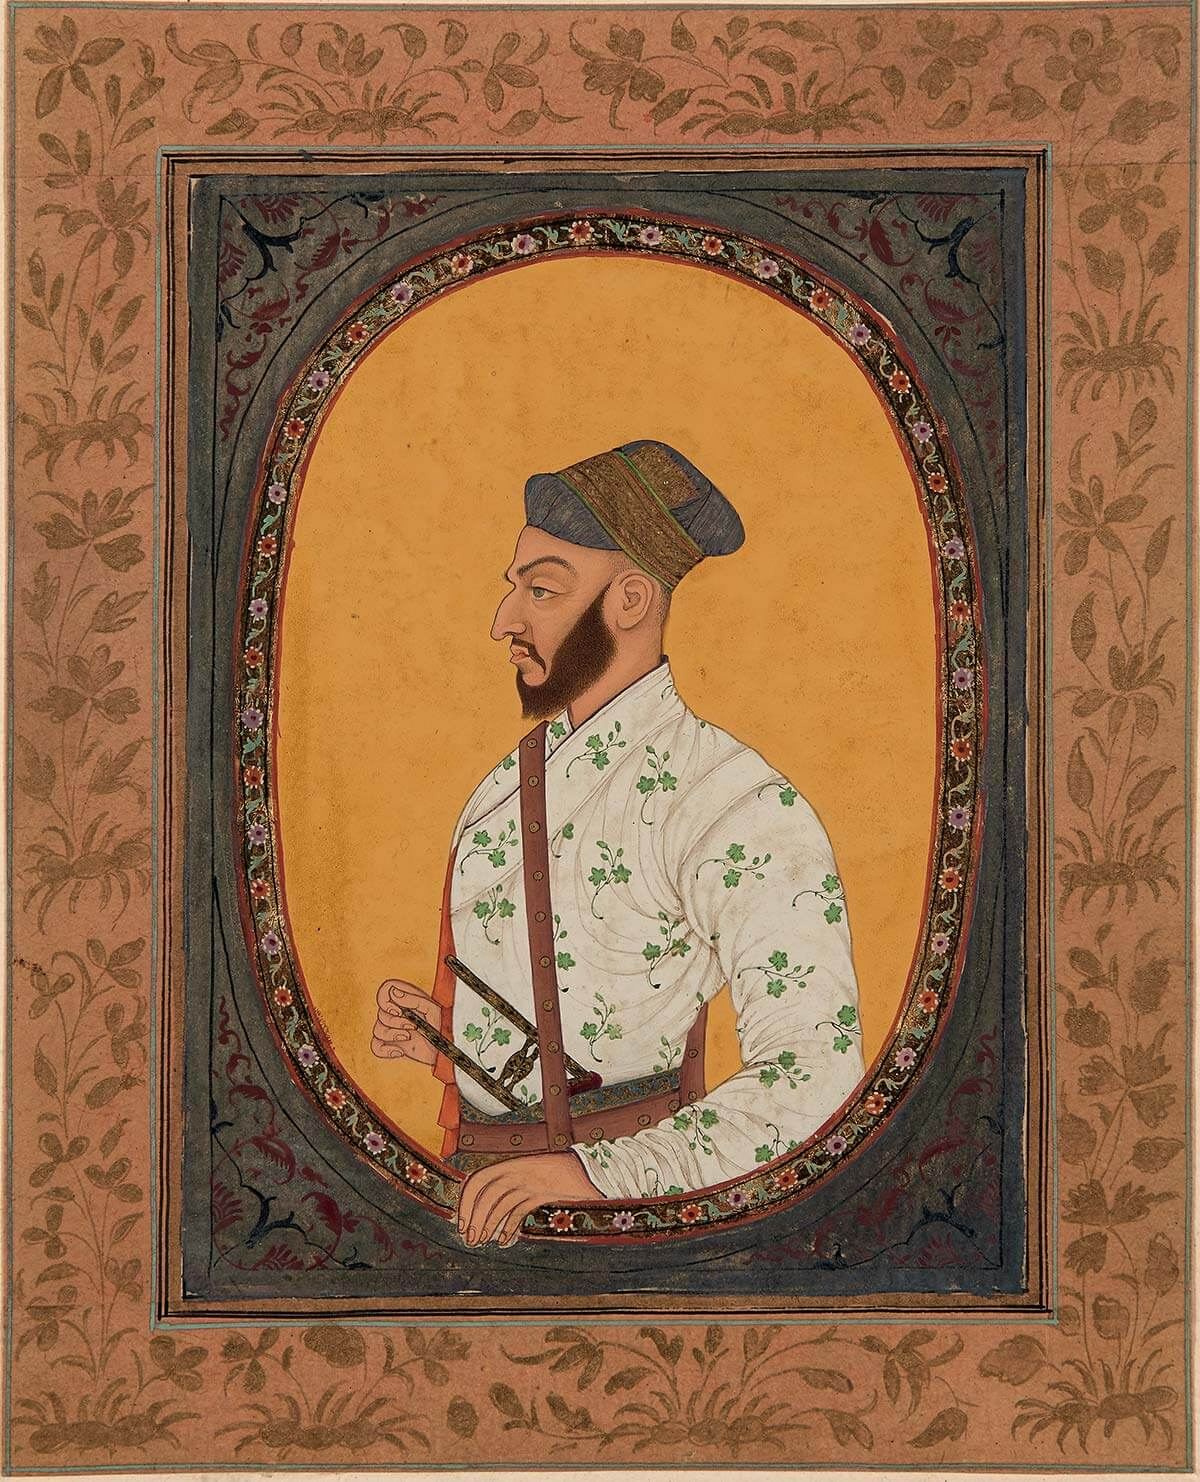 Portrait de Saf-shikan Khan, vizir de l'empereur Aurangzeb